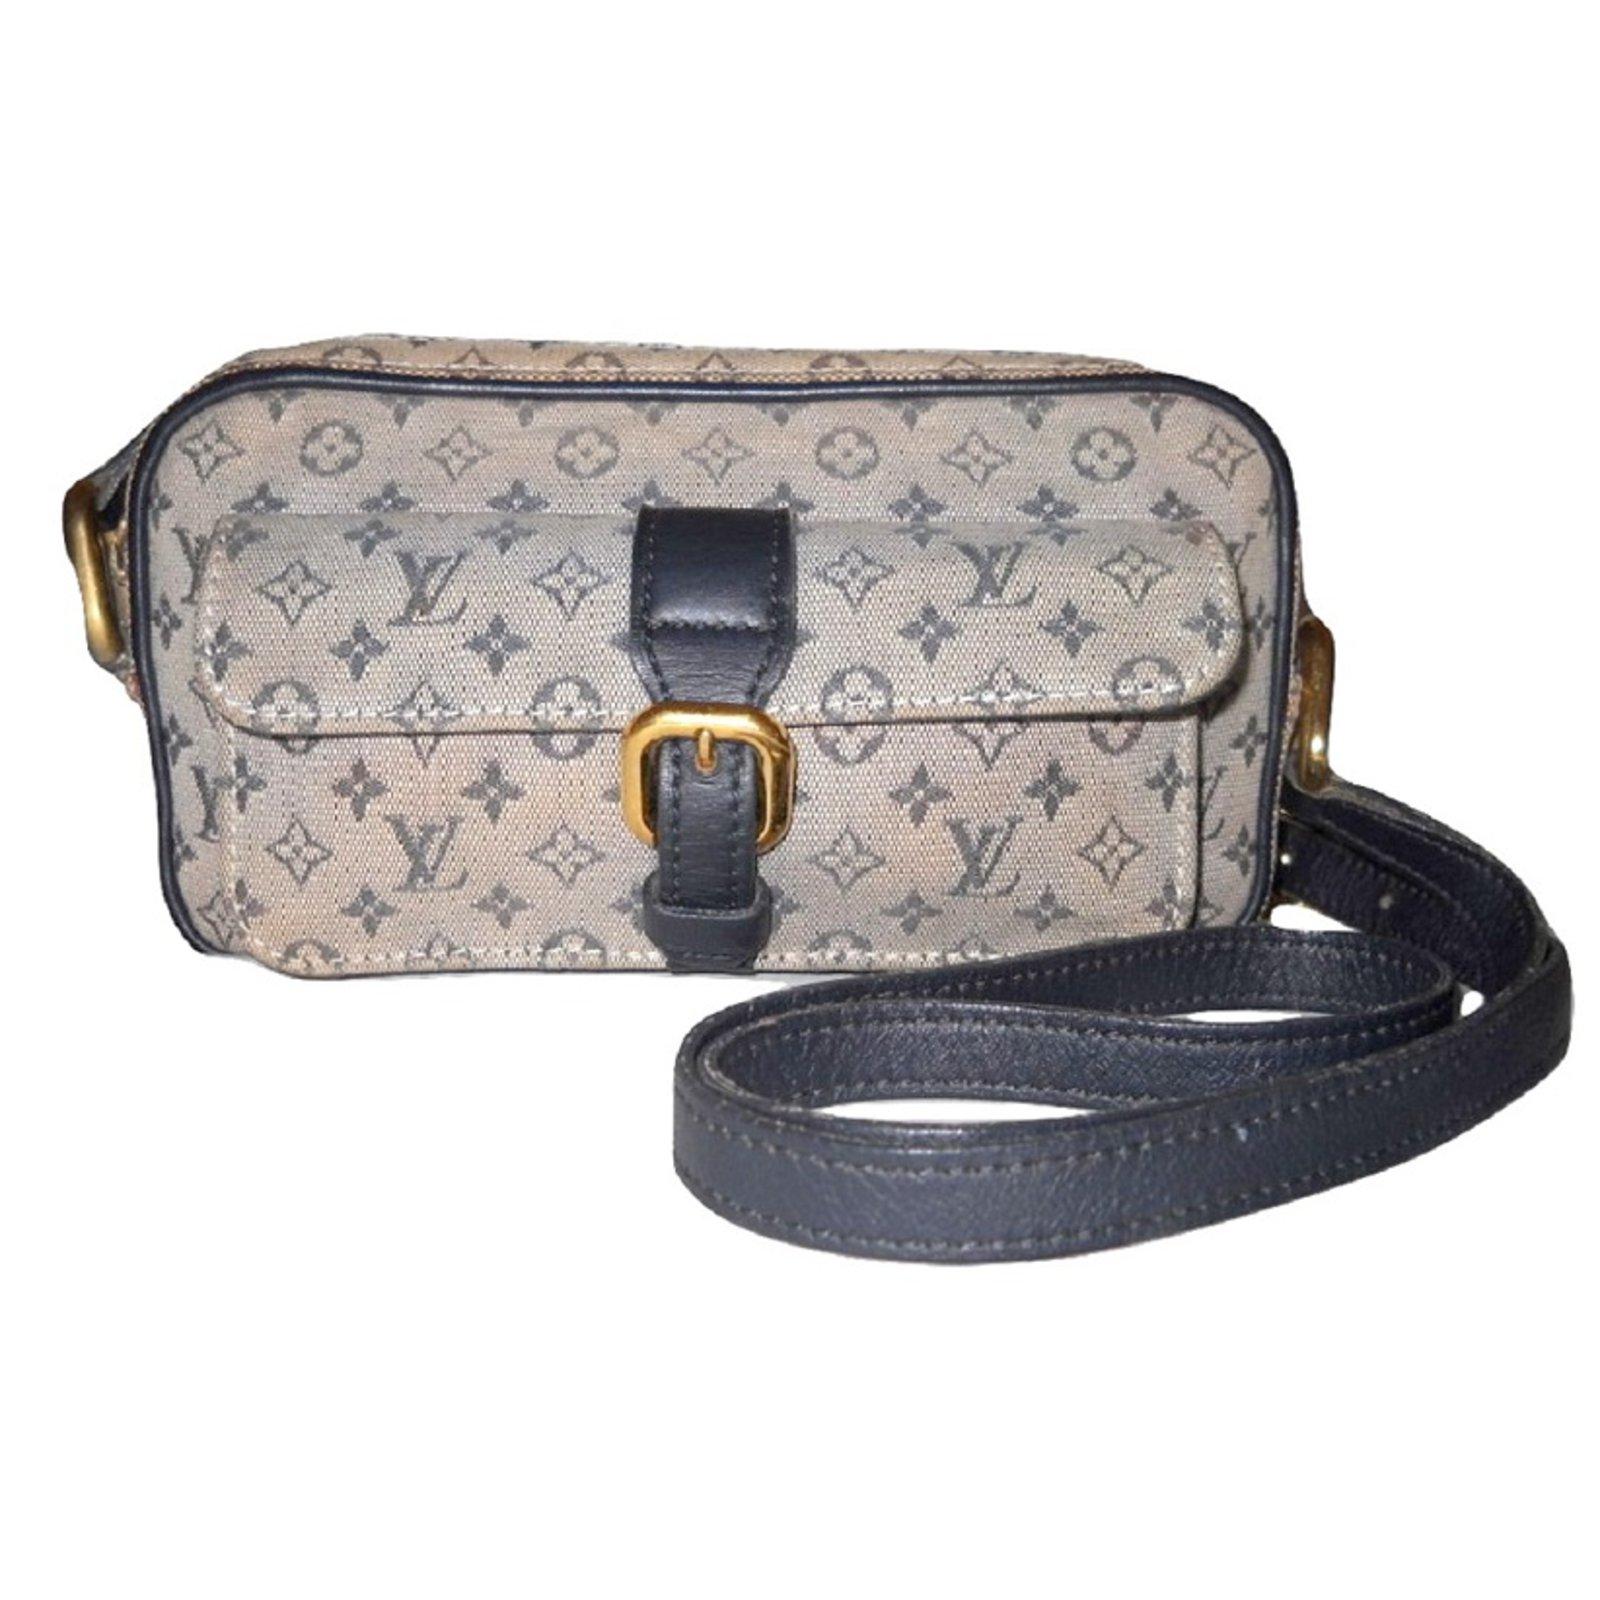 Louis Vuitton Vintage Juliette Mini Monogram Handbags Leather Cloth Blue Eggshell Ref 52354